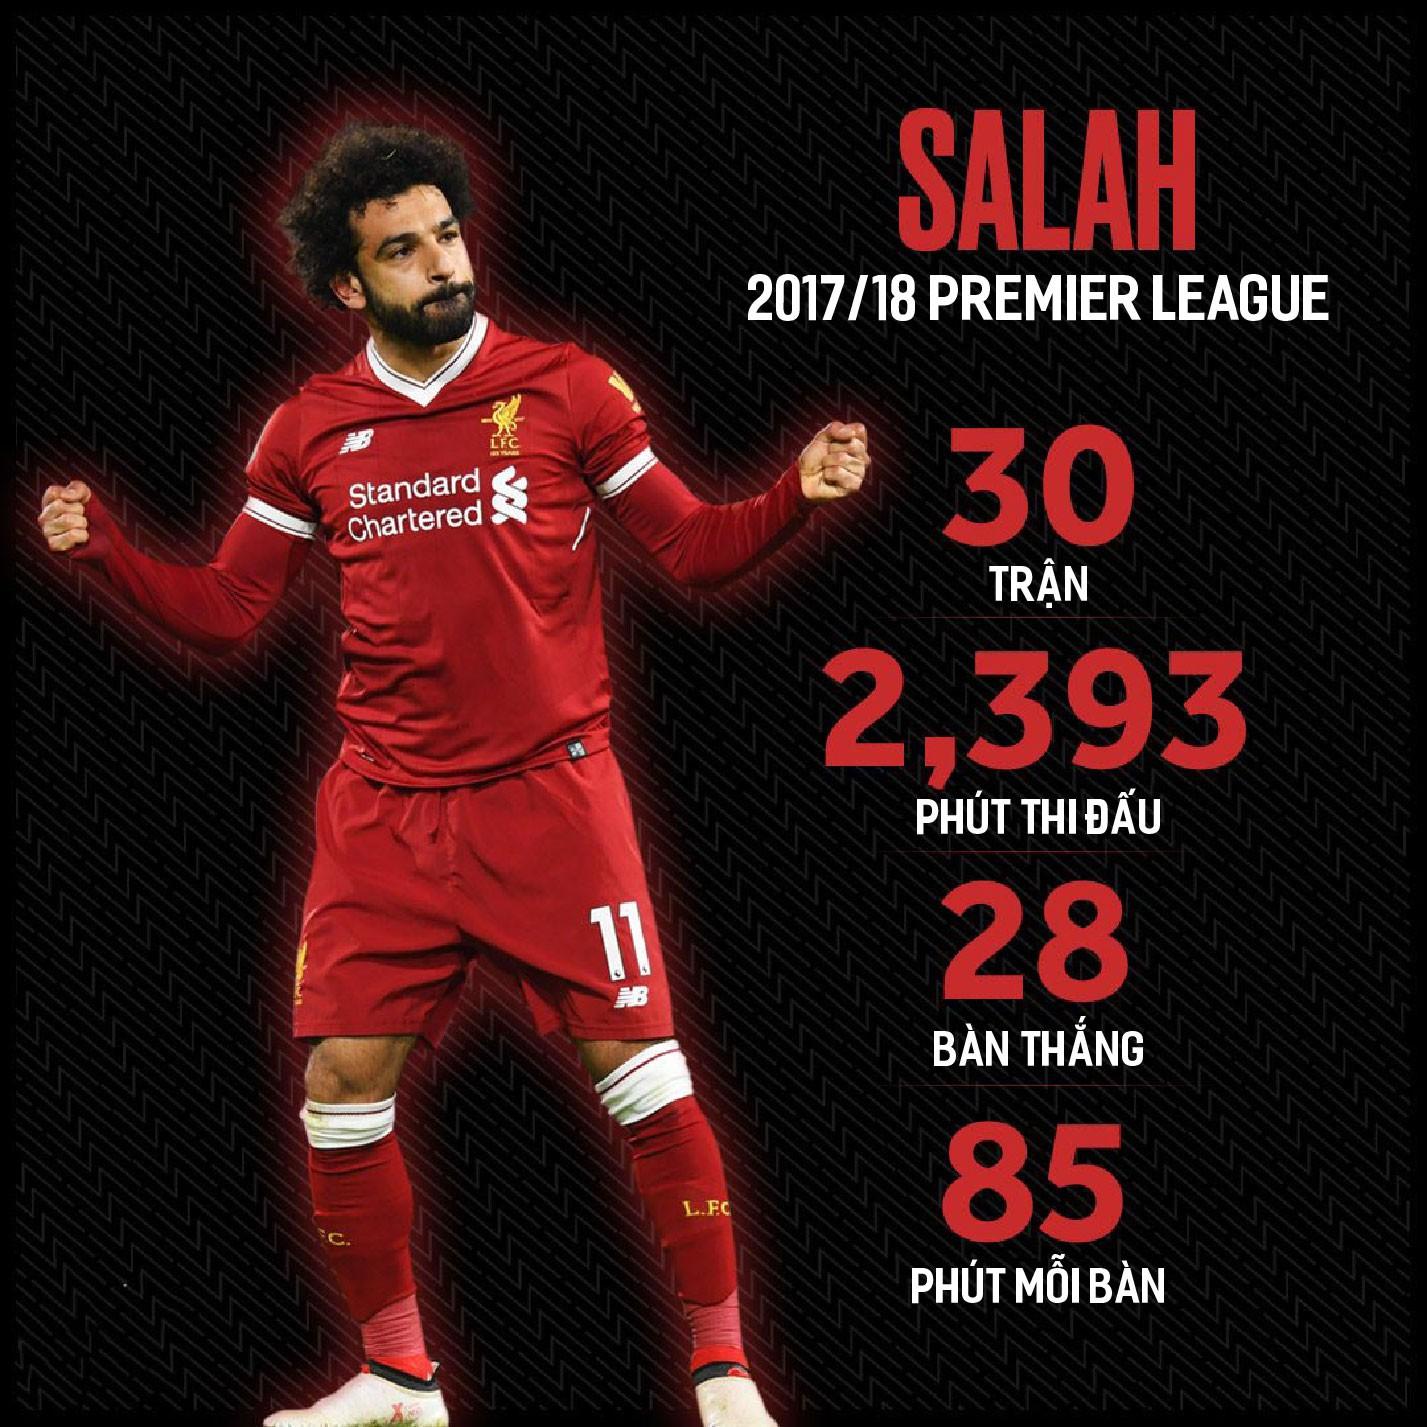 Hình ảnh: Salah tại Premier League mùa 2017/18